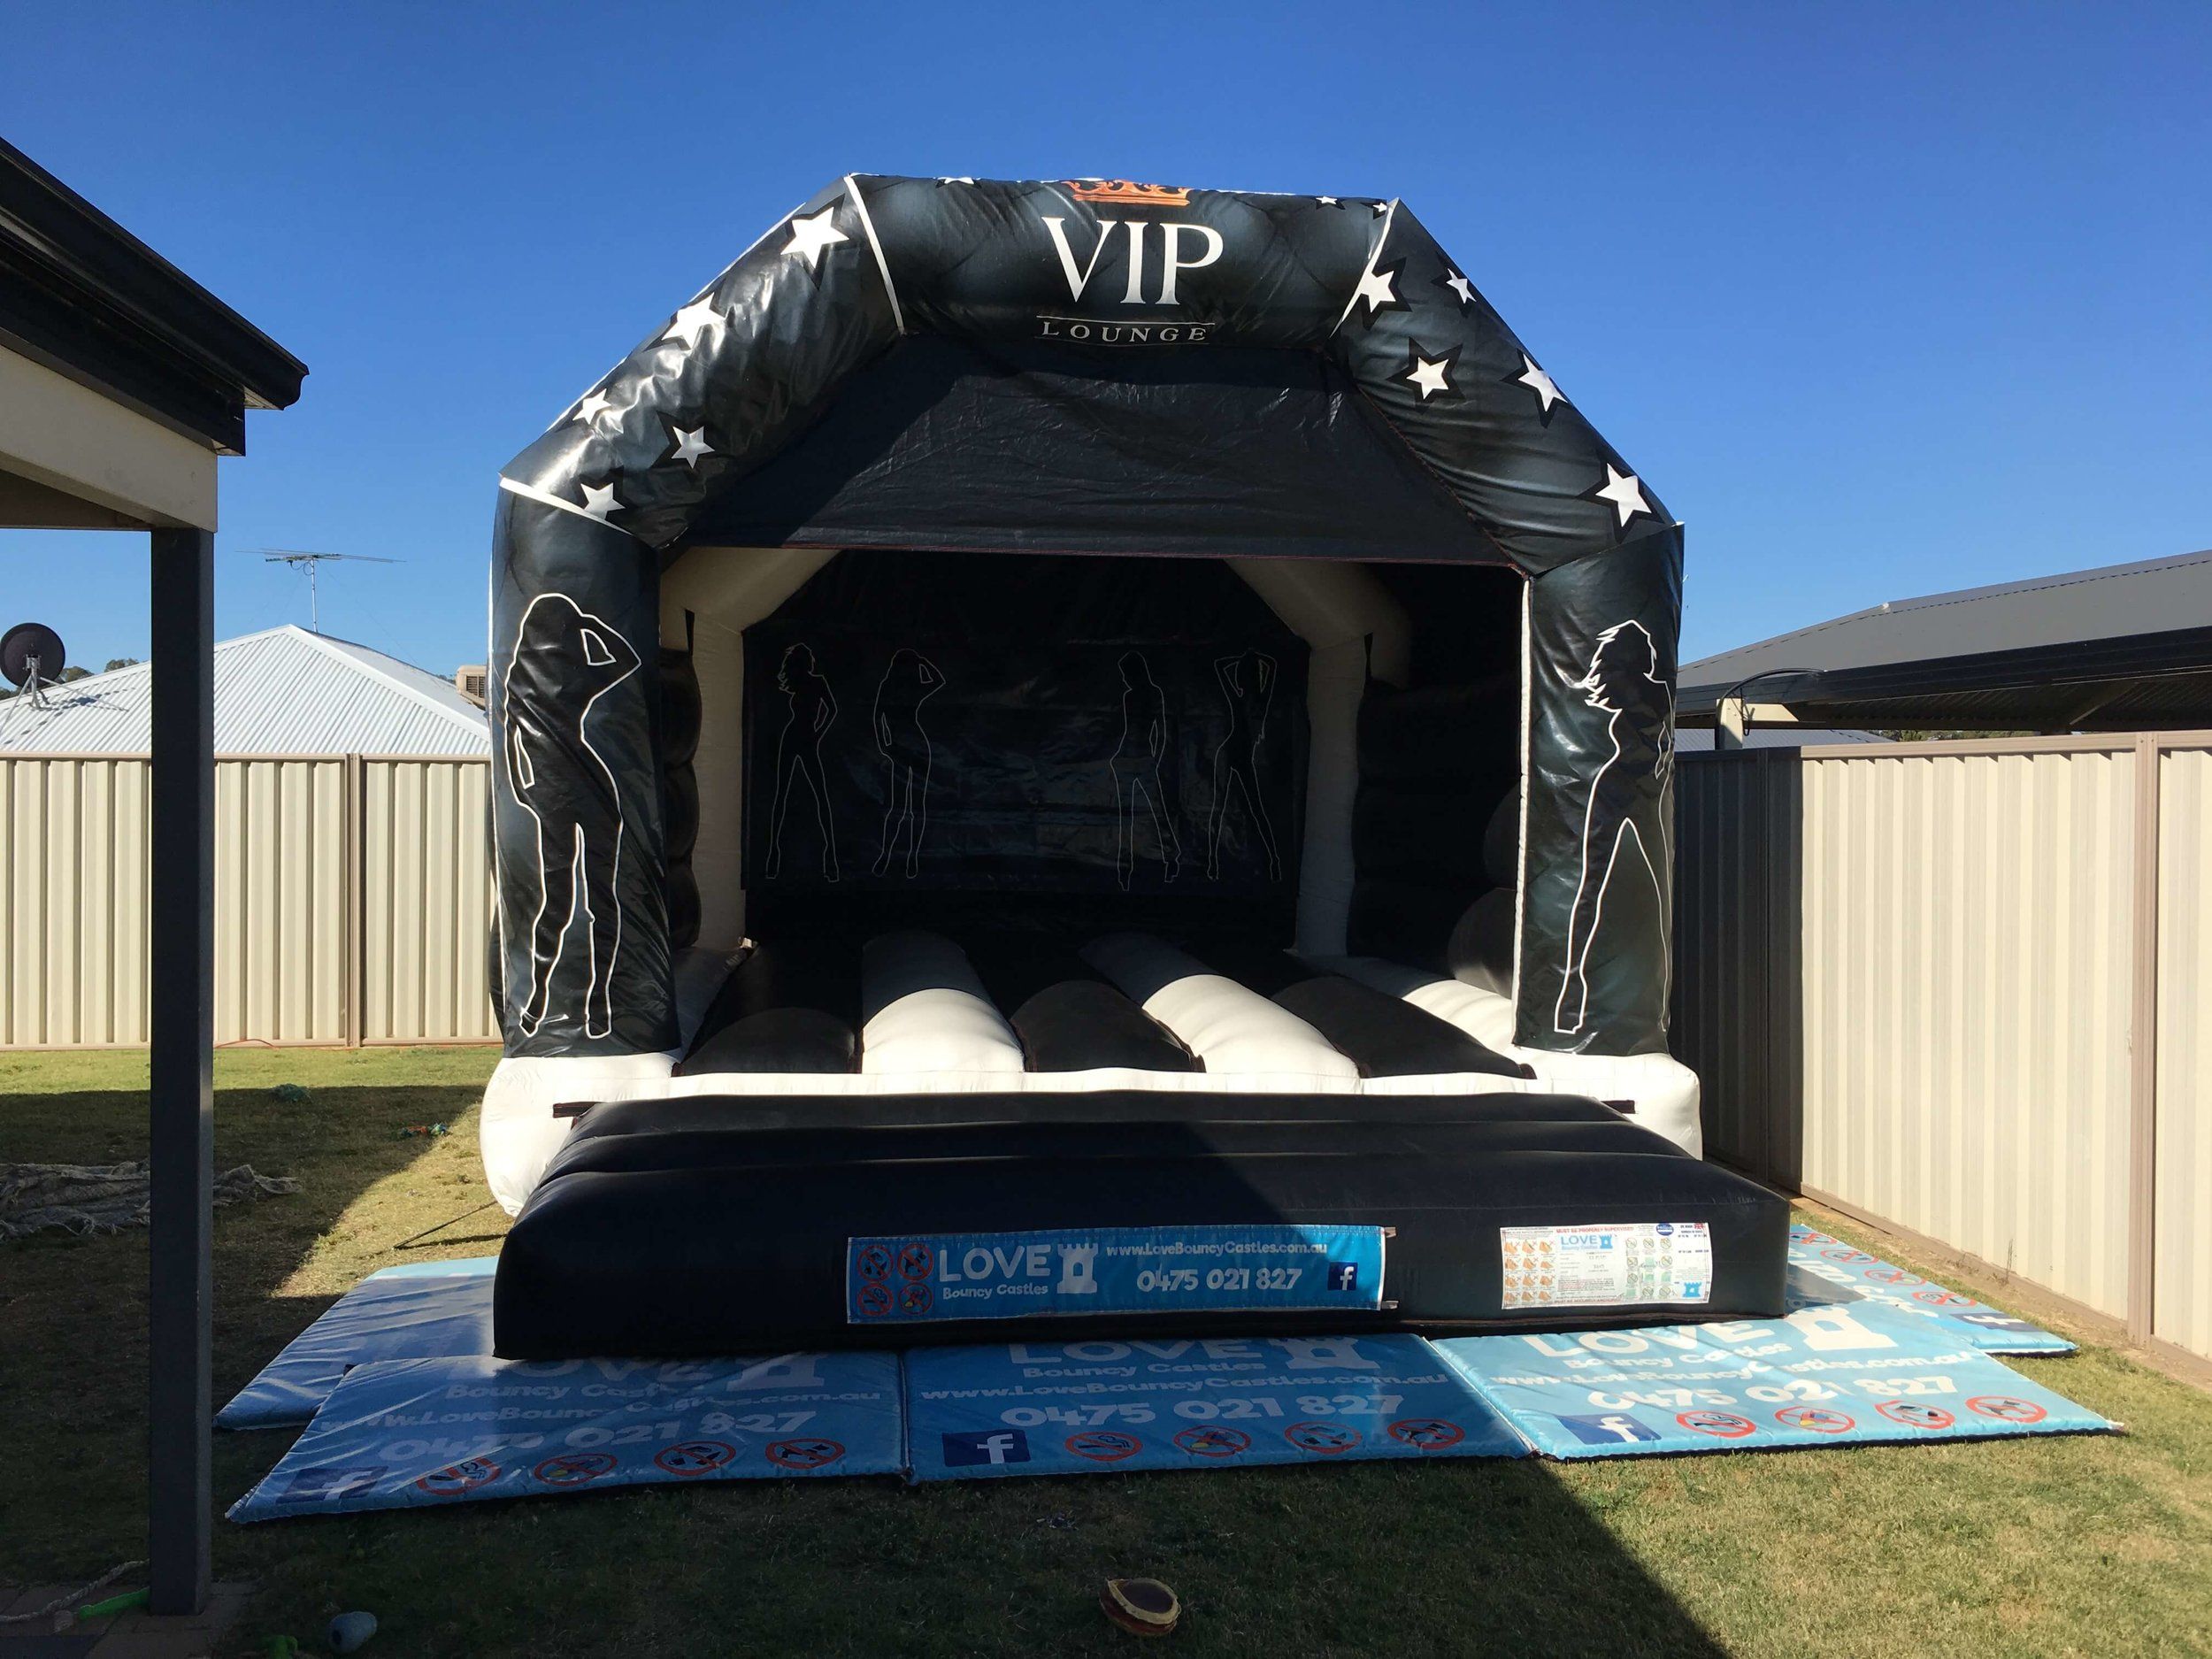 VIP Adult Bouncy Castle Hire Rockingham